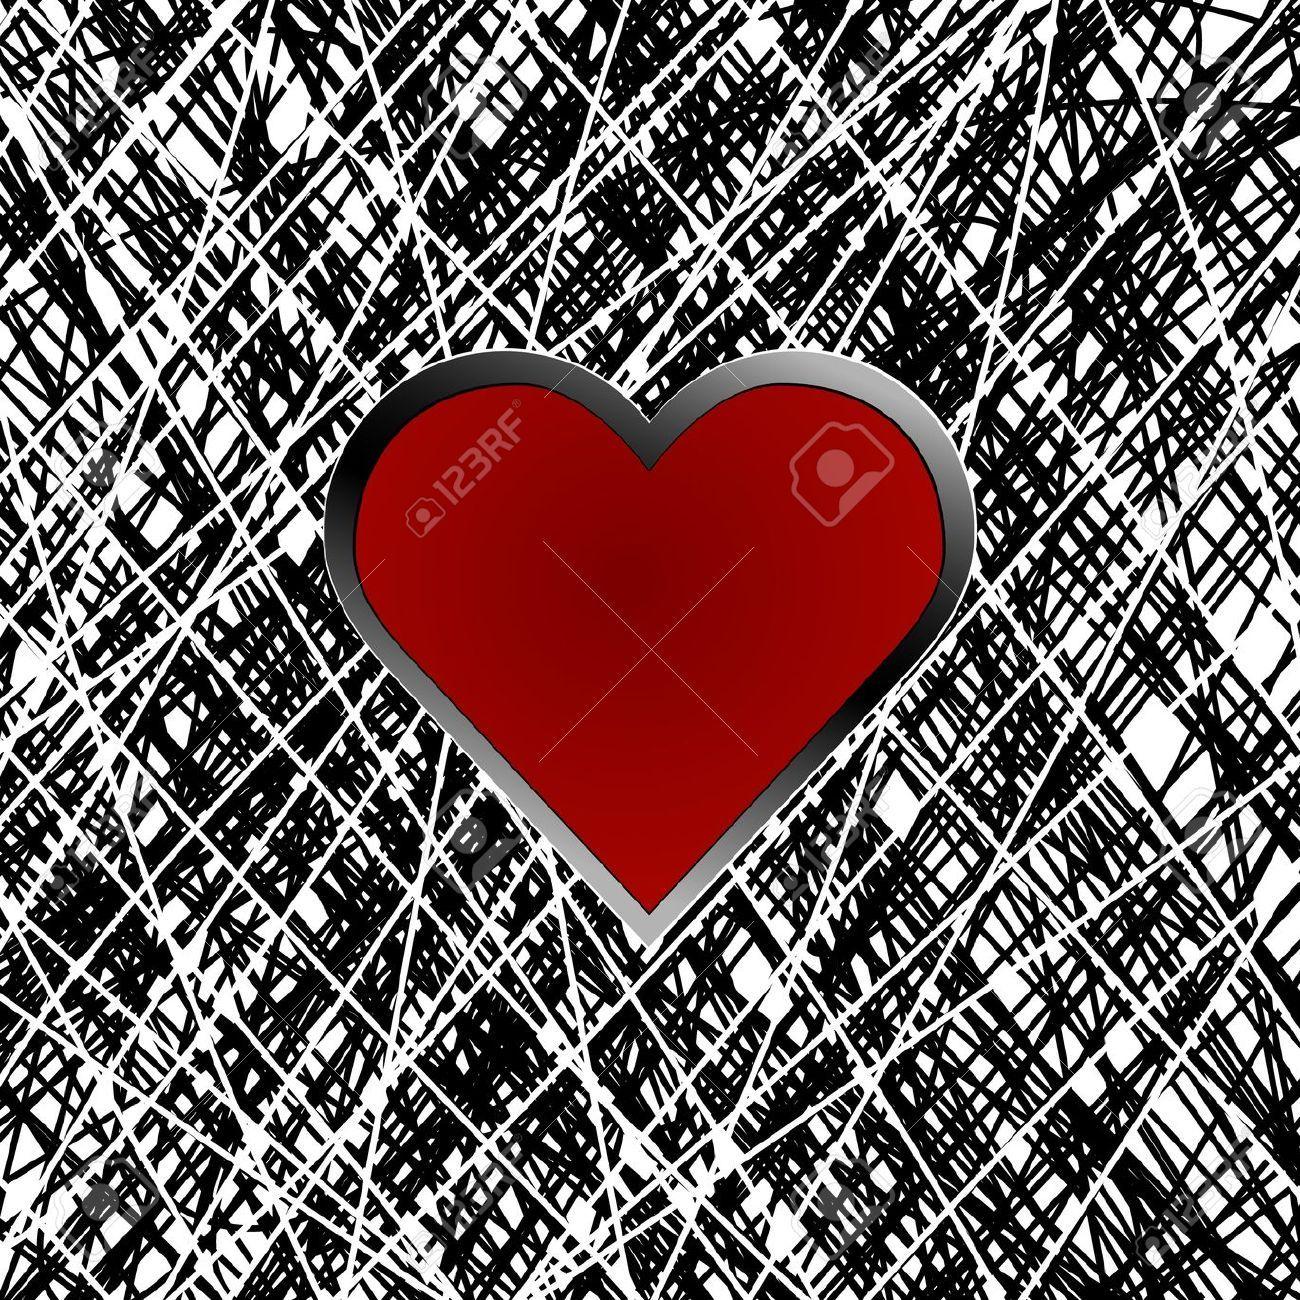 Textura De Fondo Abstracto Con El Corazón Ilustraciones Vectoriales, Clip Art Vectorizado Libre De Derechos. Image 13090707.